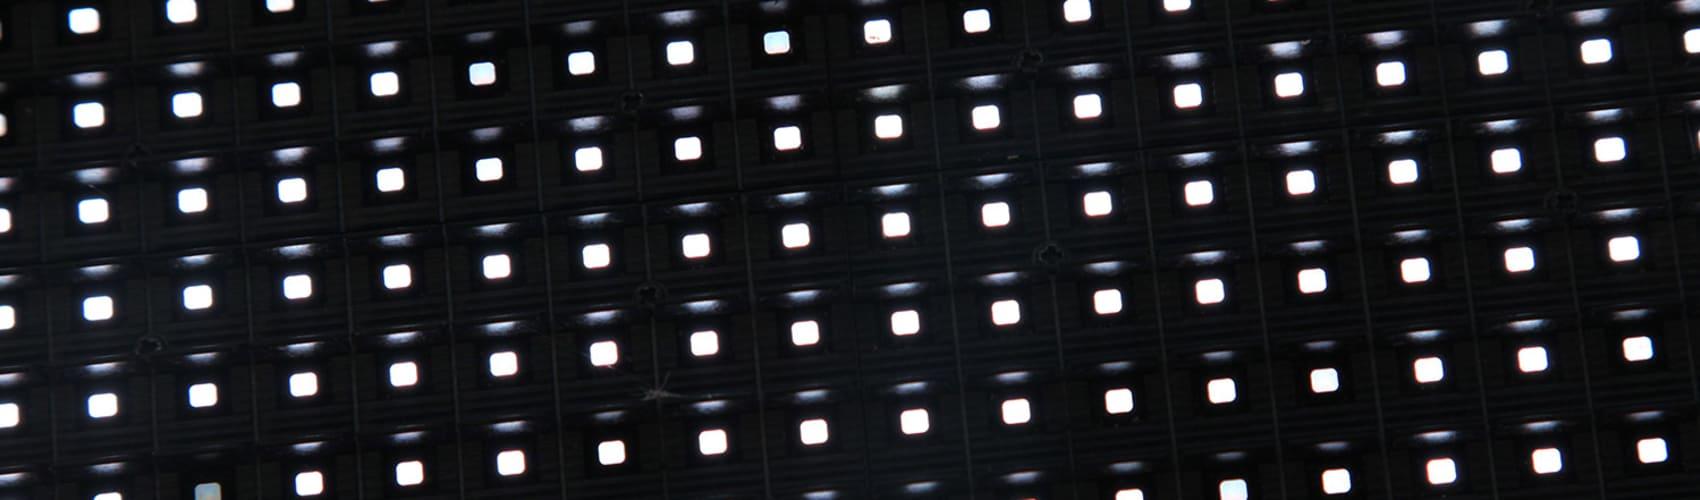 Storm screen pixels close up